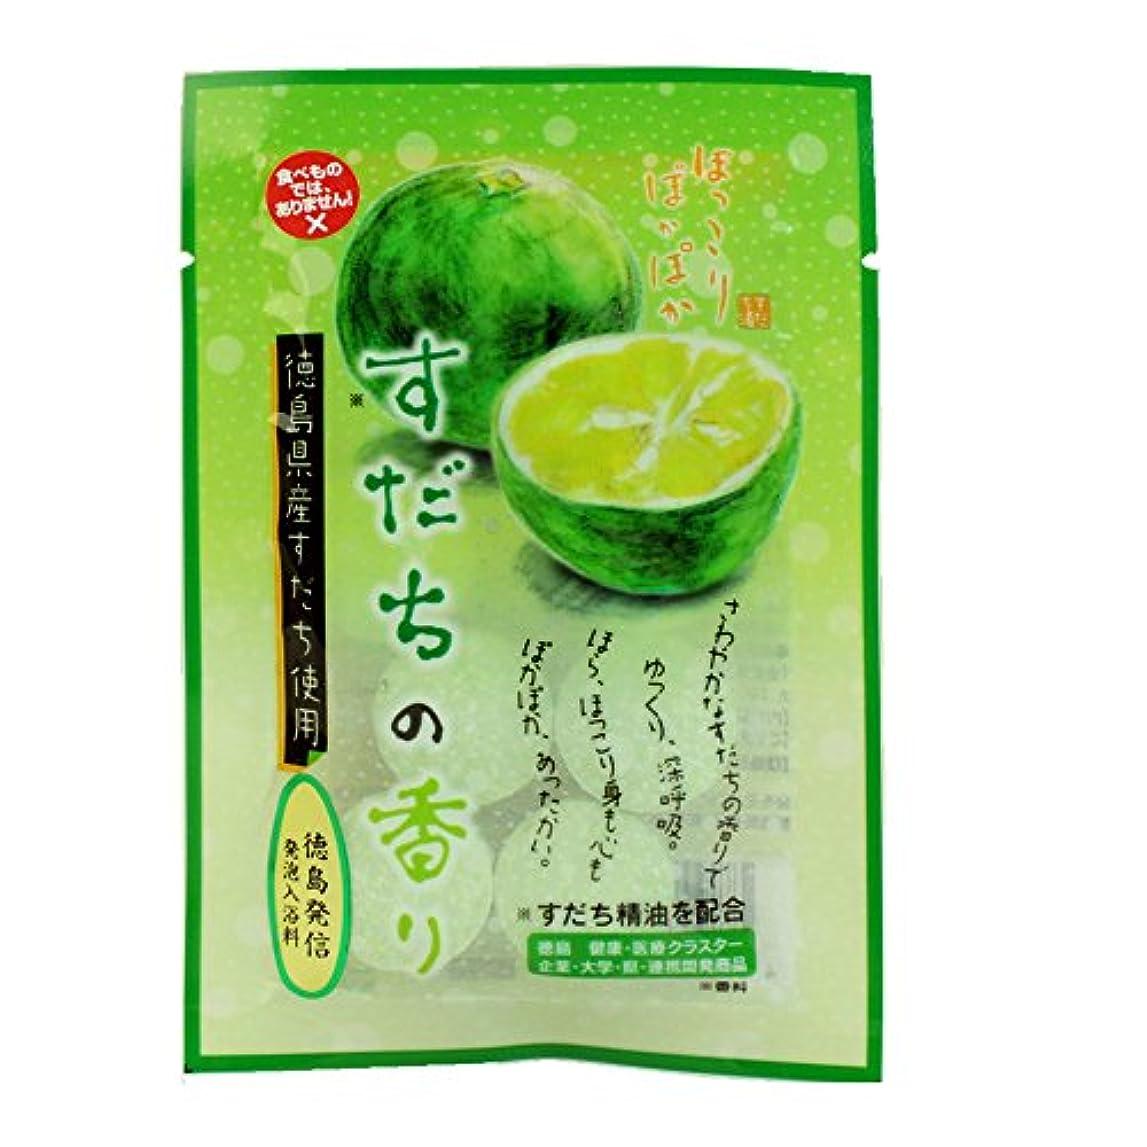 マーチャンダイジング効果的に交換可能すだちの香り 発泡入浴料 1袋 徳島県産すだち使用 860